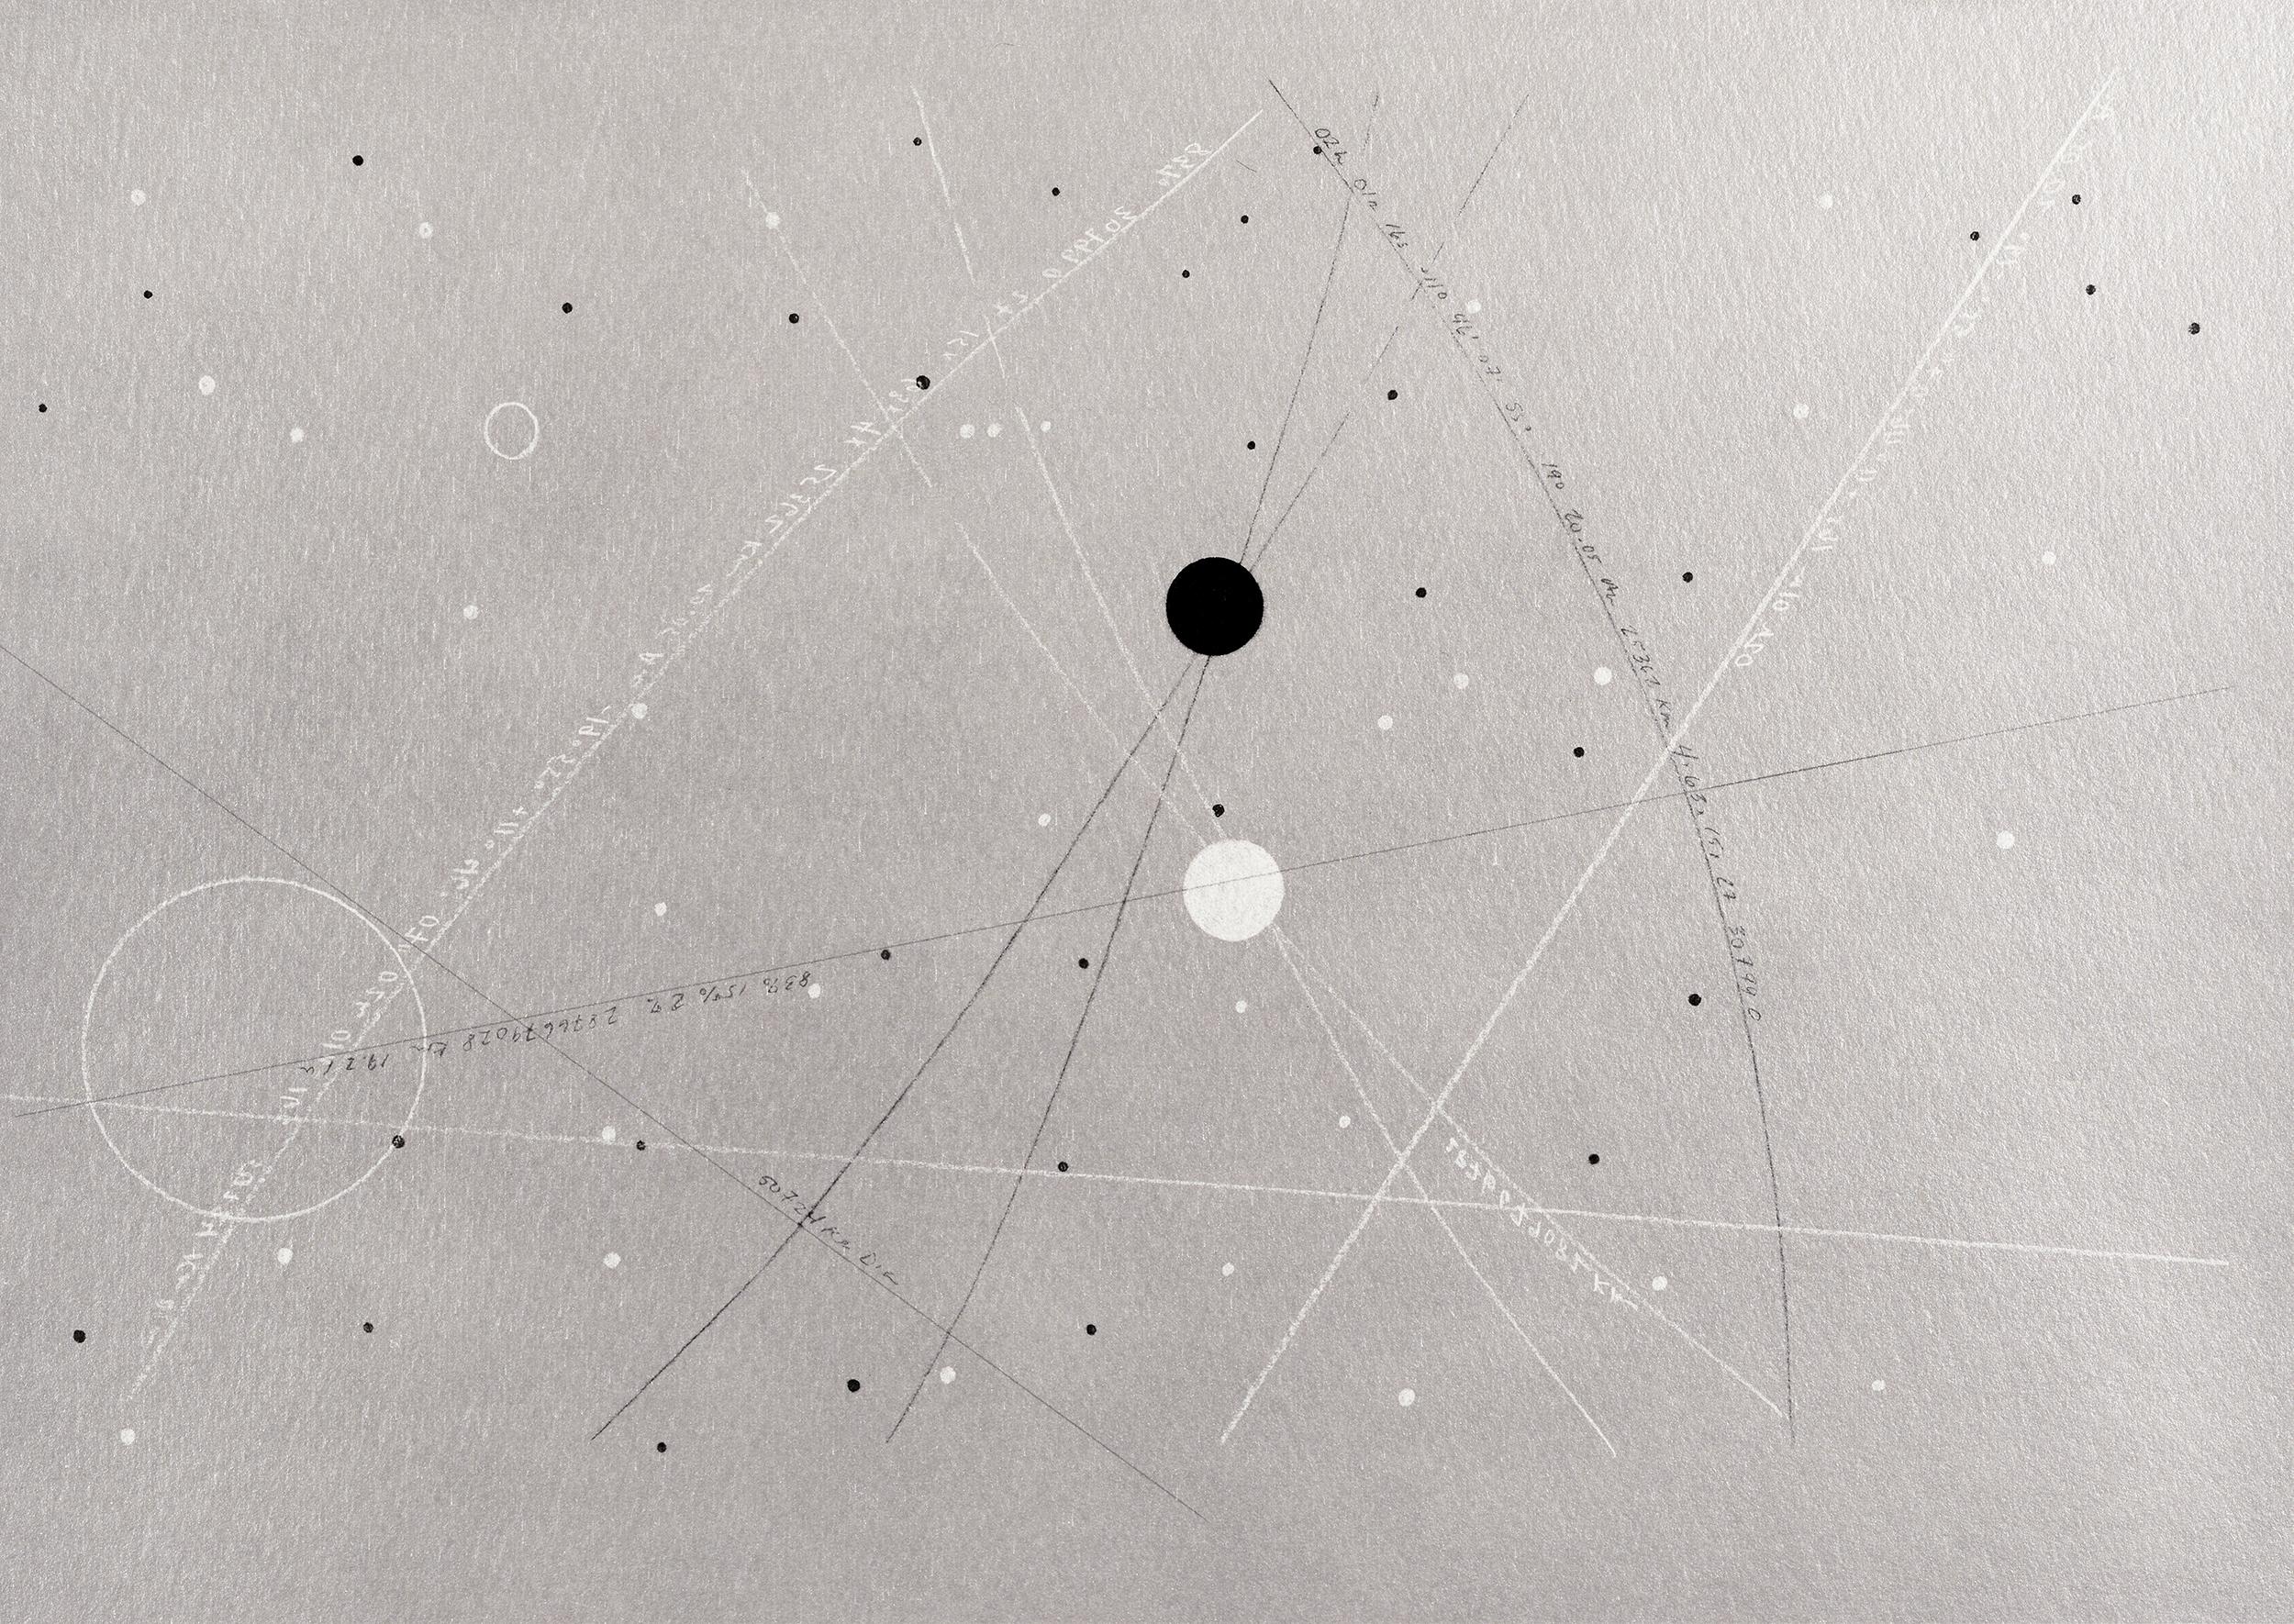 Uranus- 50,724 km Dia  2019  Archival Pigment Print  Metallic Paper  11 x 14 inches  (27.9 x 35.5 cm)